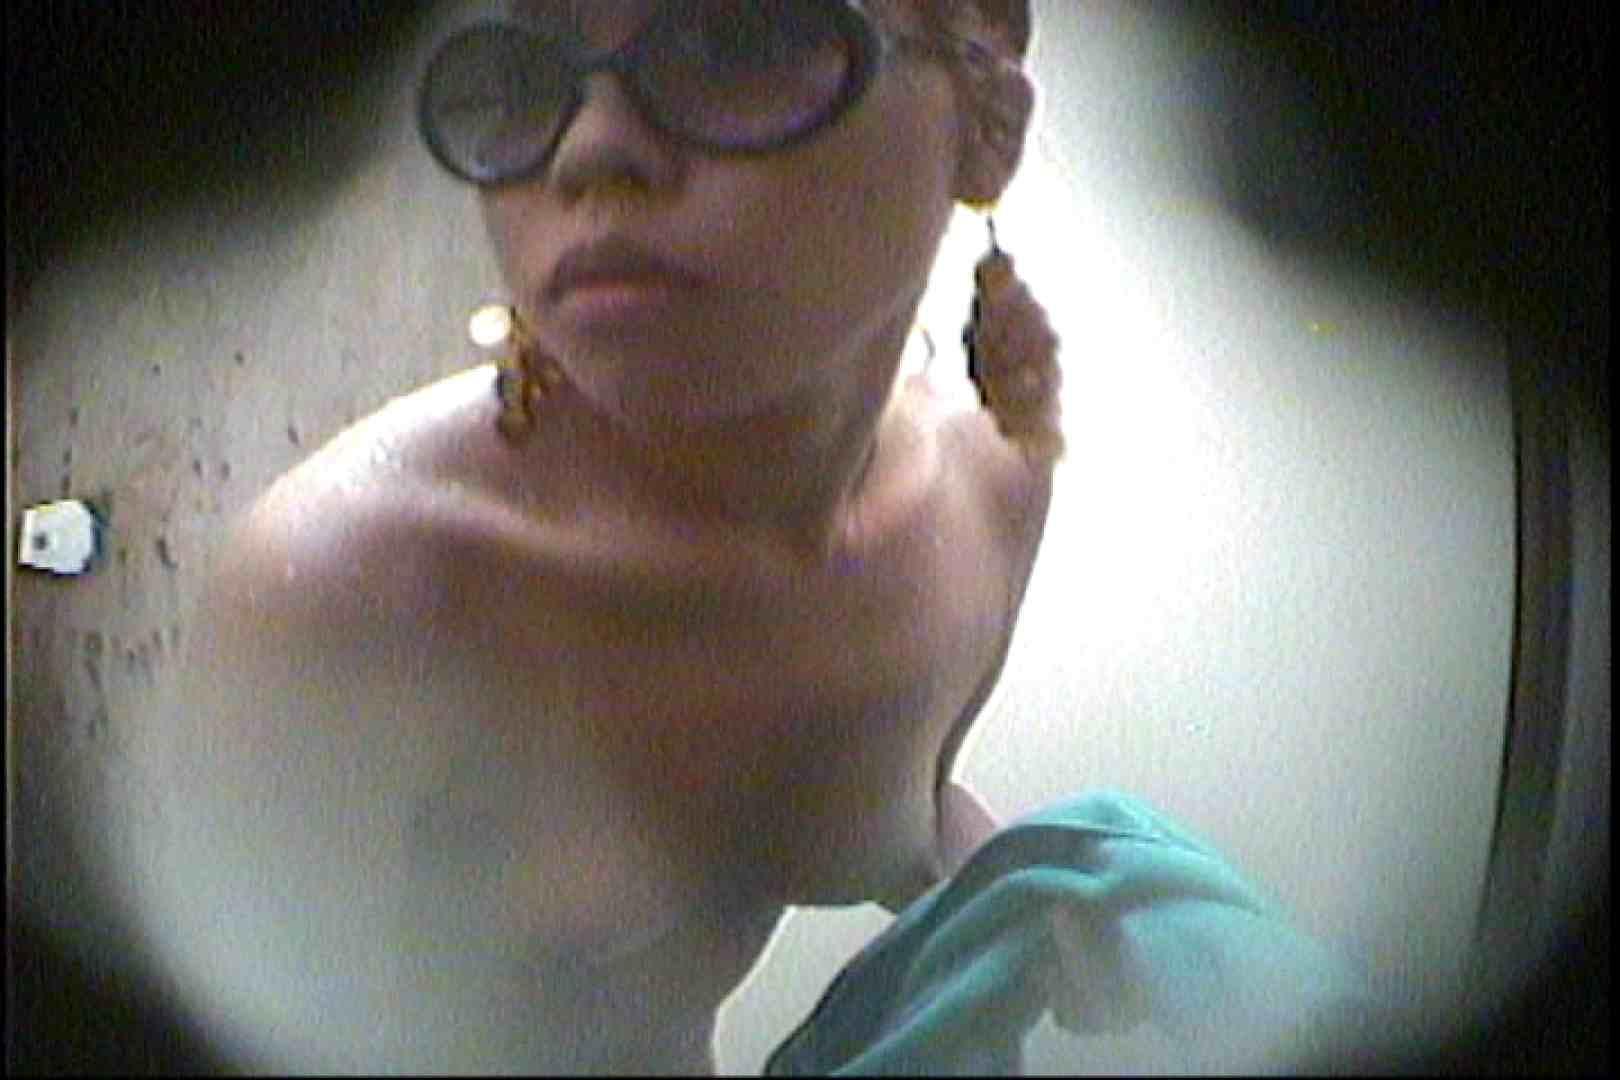 海の家の更衣室 Vol.29 美女 のぞき濡れ場動画紹介 58pic 23